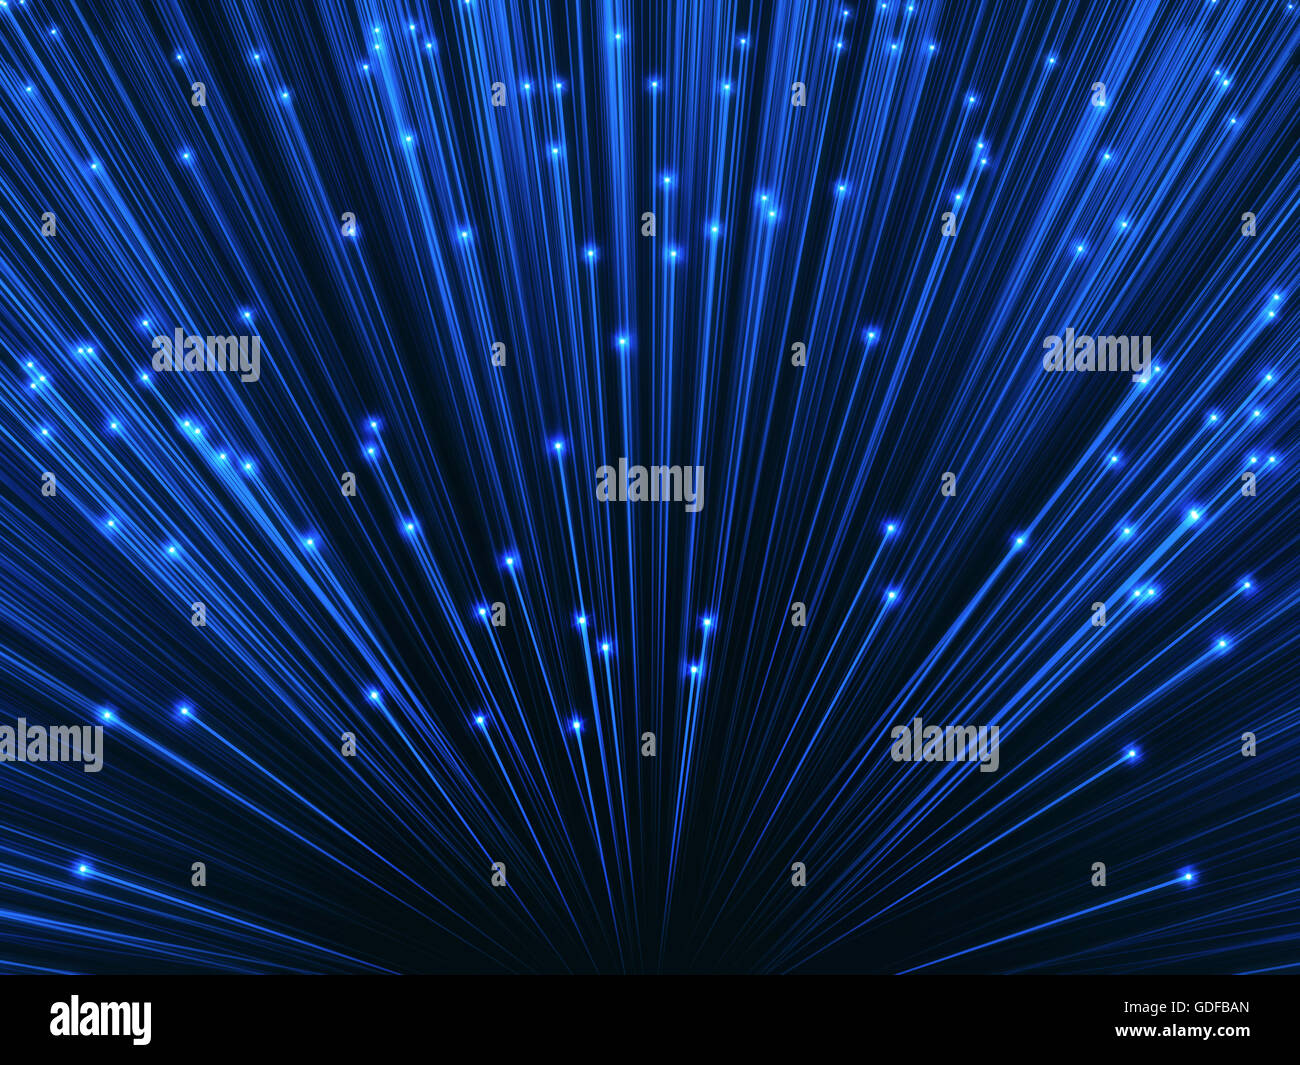 La fibra óptica, la ilustración. Imagen De Stock